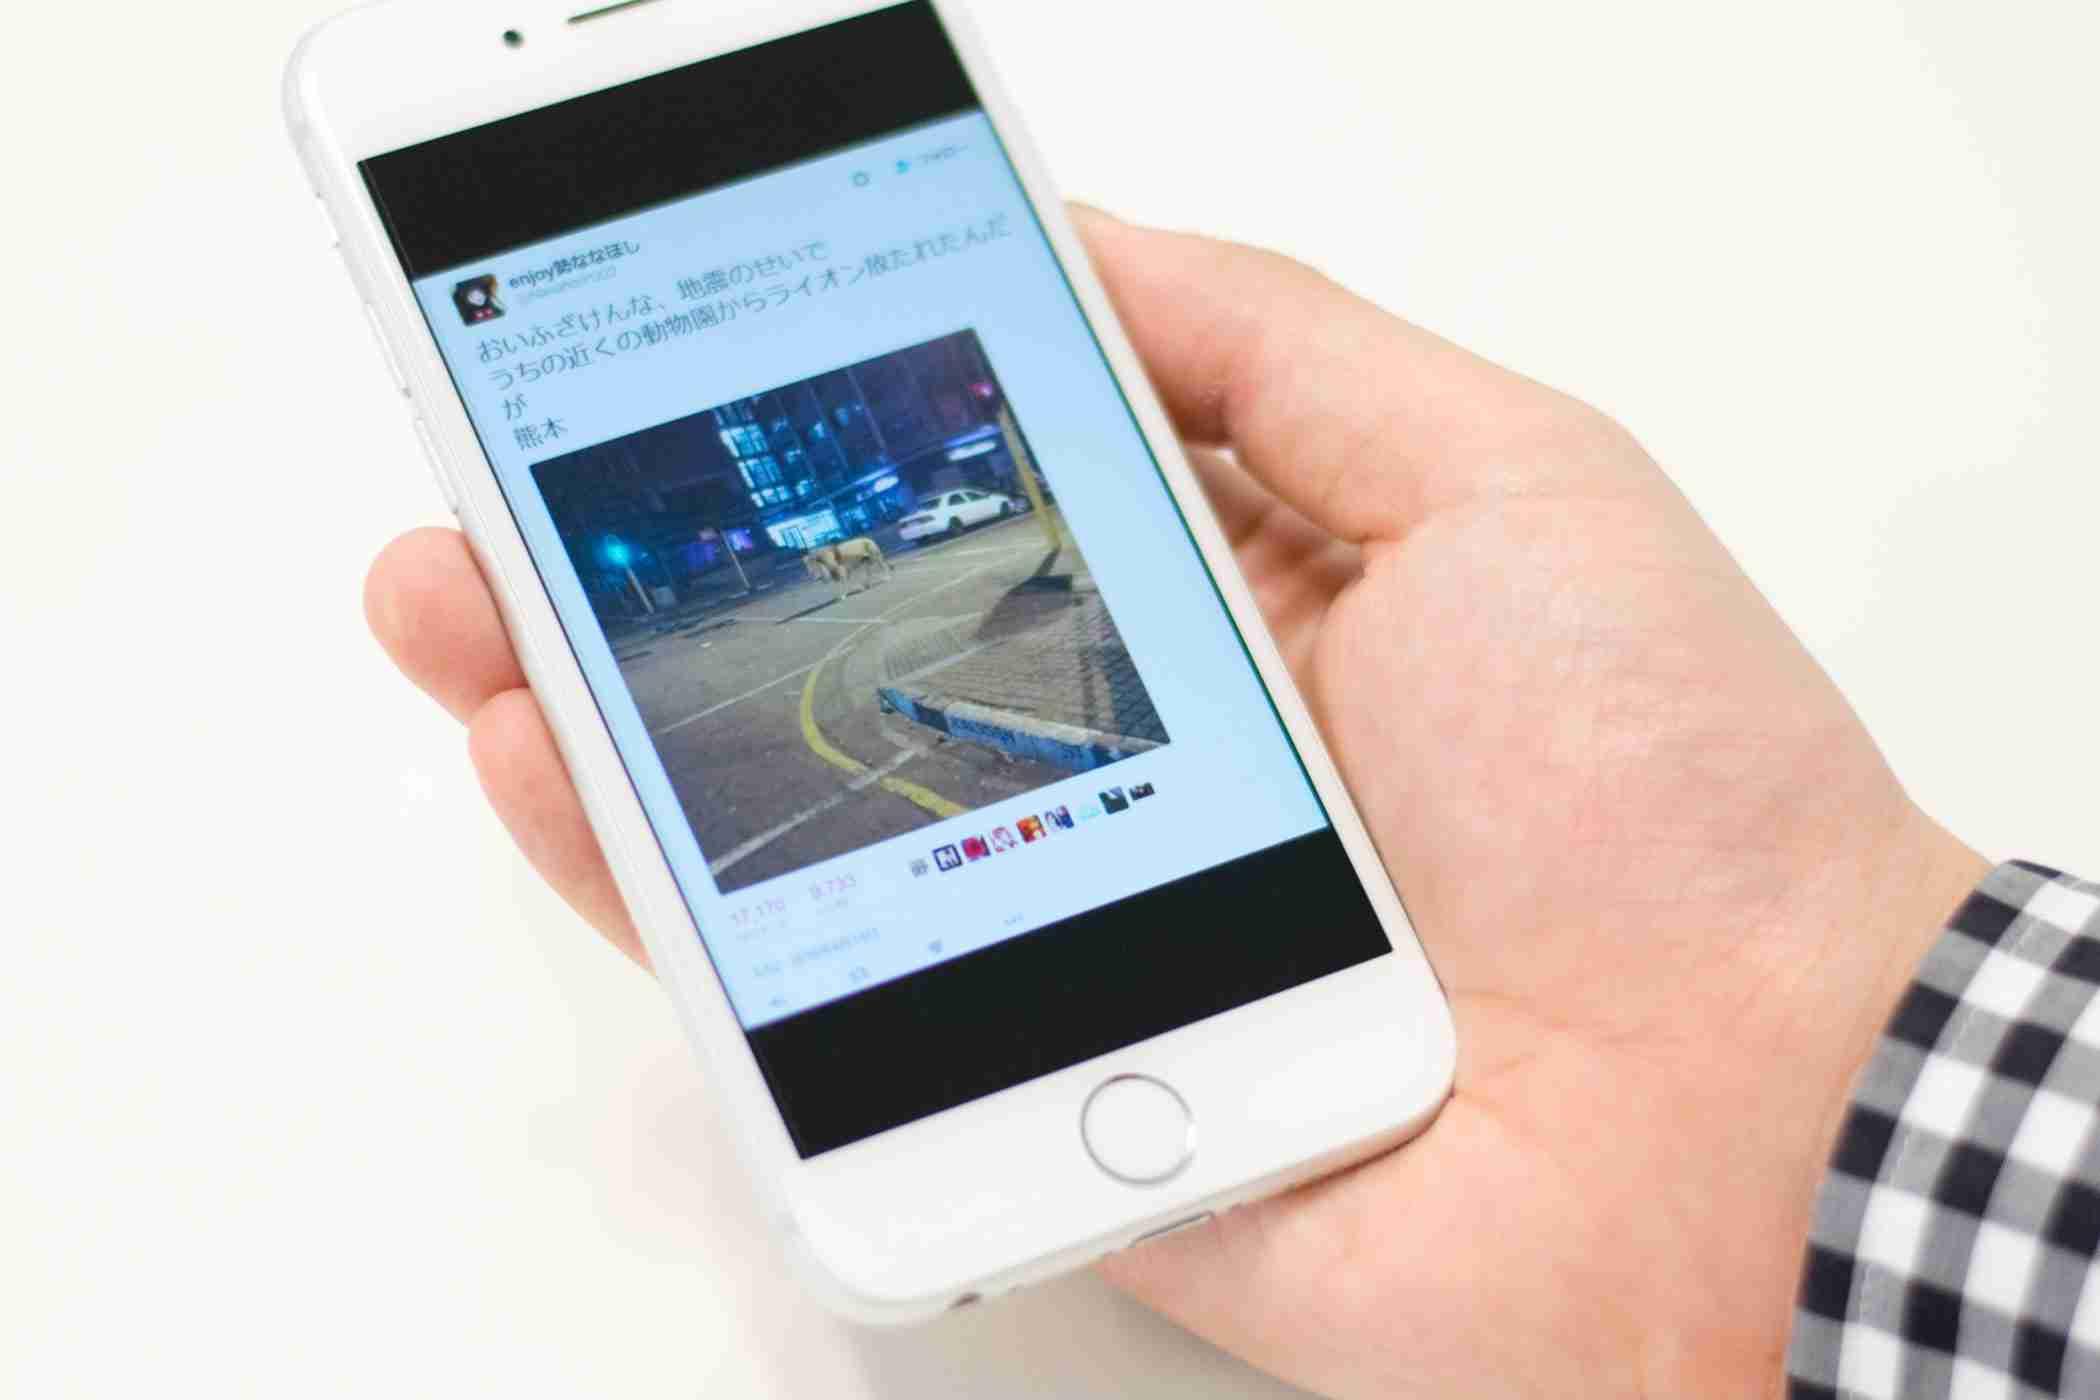 ライオン脱走、井戸に毒……。地震関連デマ。「業務妨害罪になりうる」と弁護士 (BuzzFeed Japan) - Yahoo!ニュース